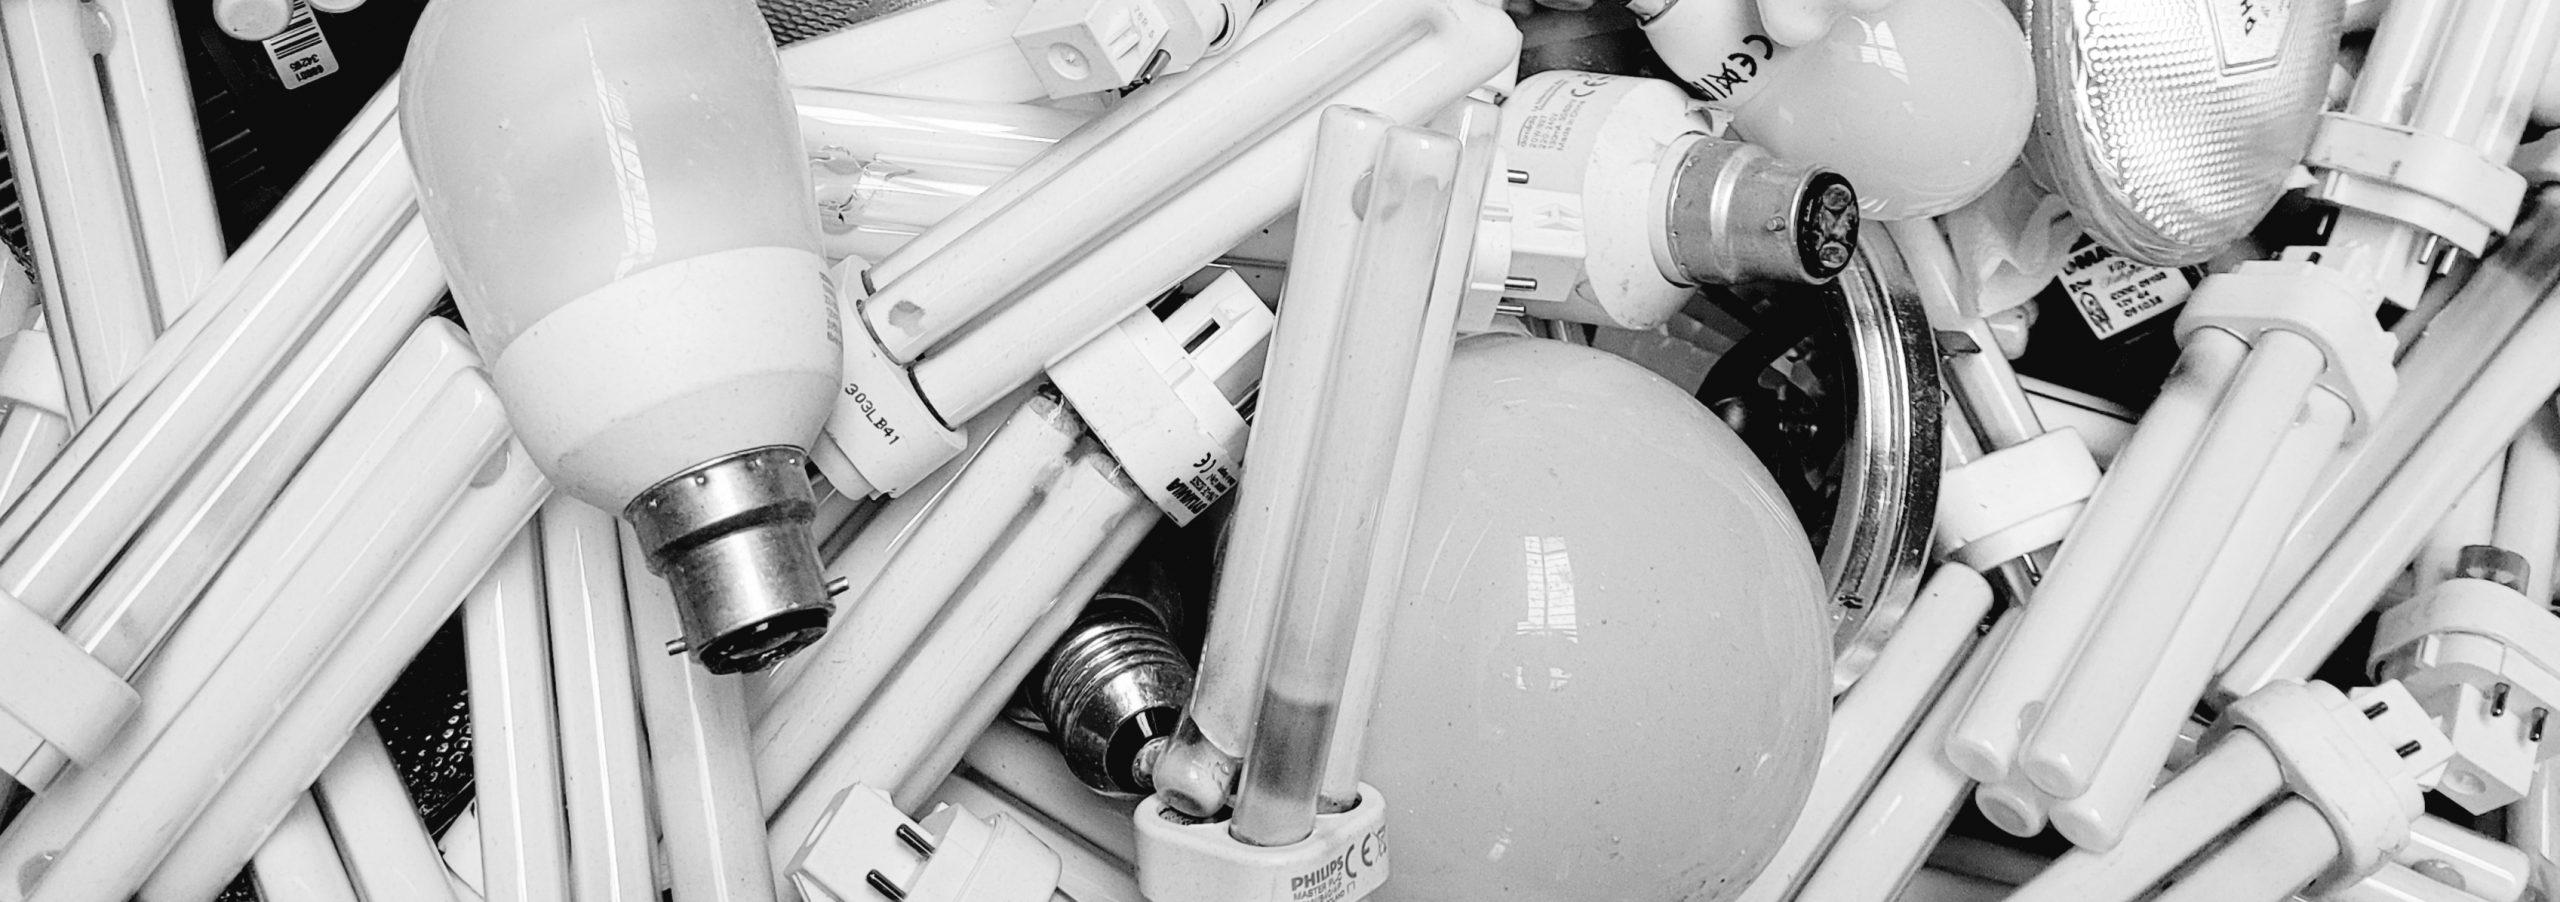 Recyclage des ampoules en entreprise au bureau